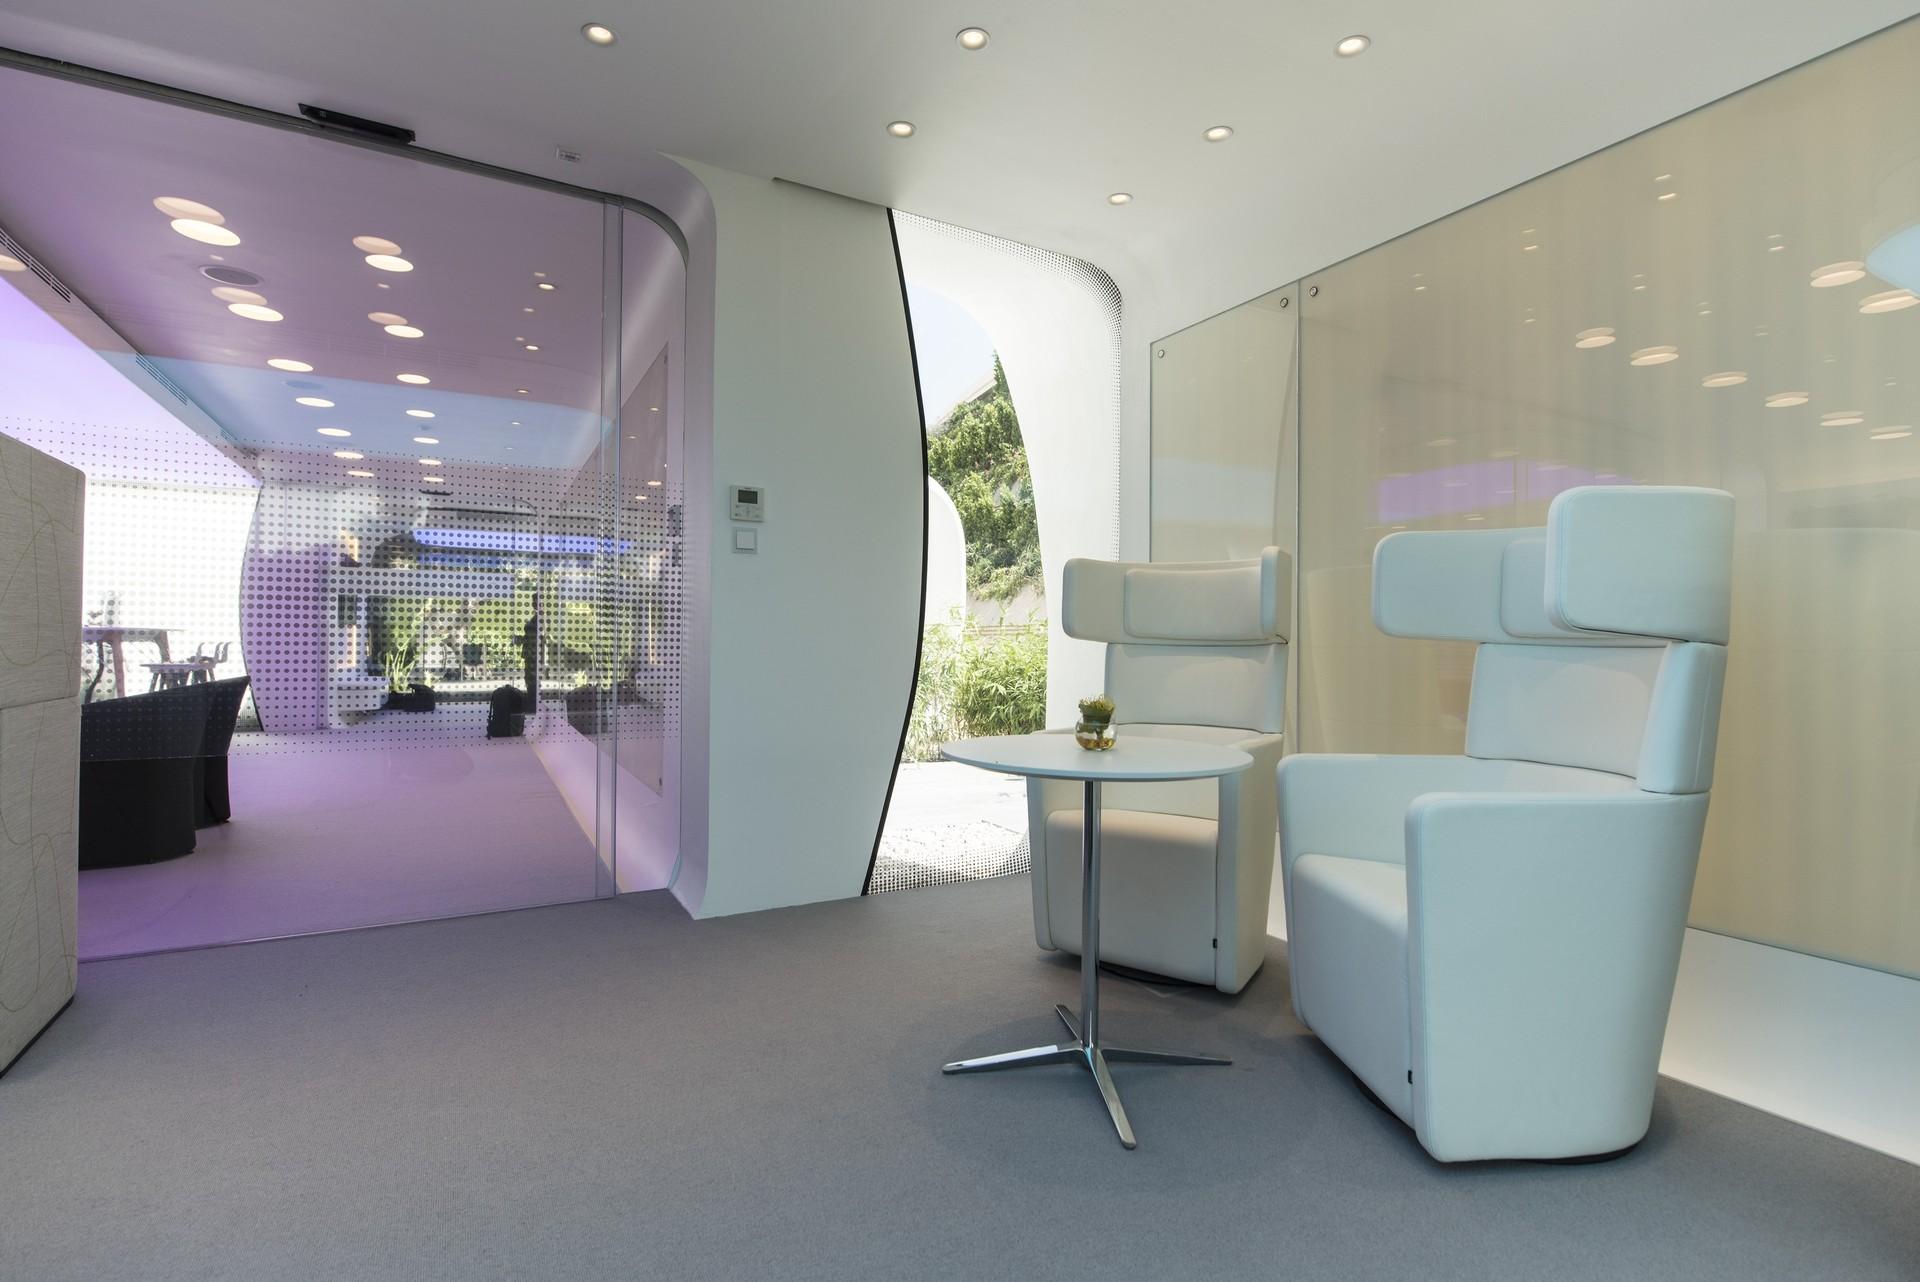 office-of-future_12killadesign